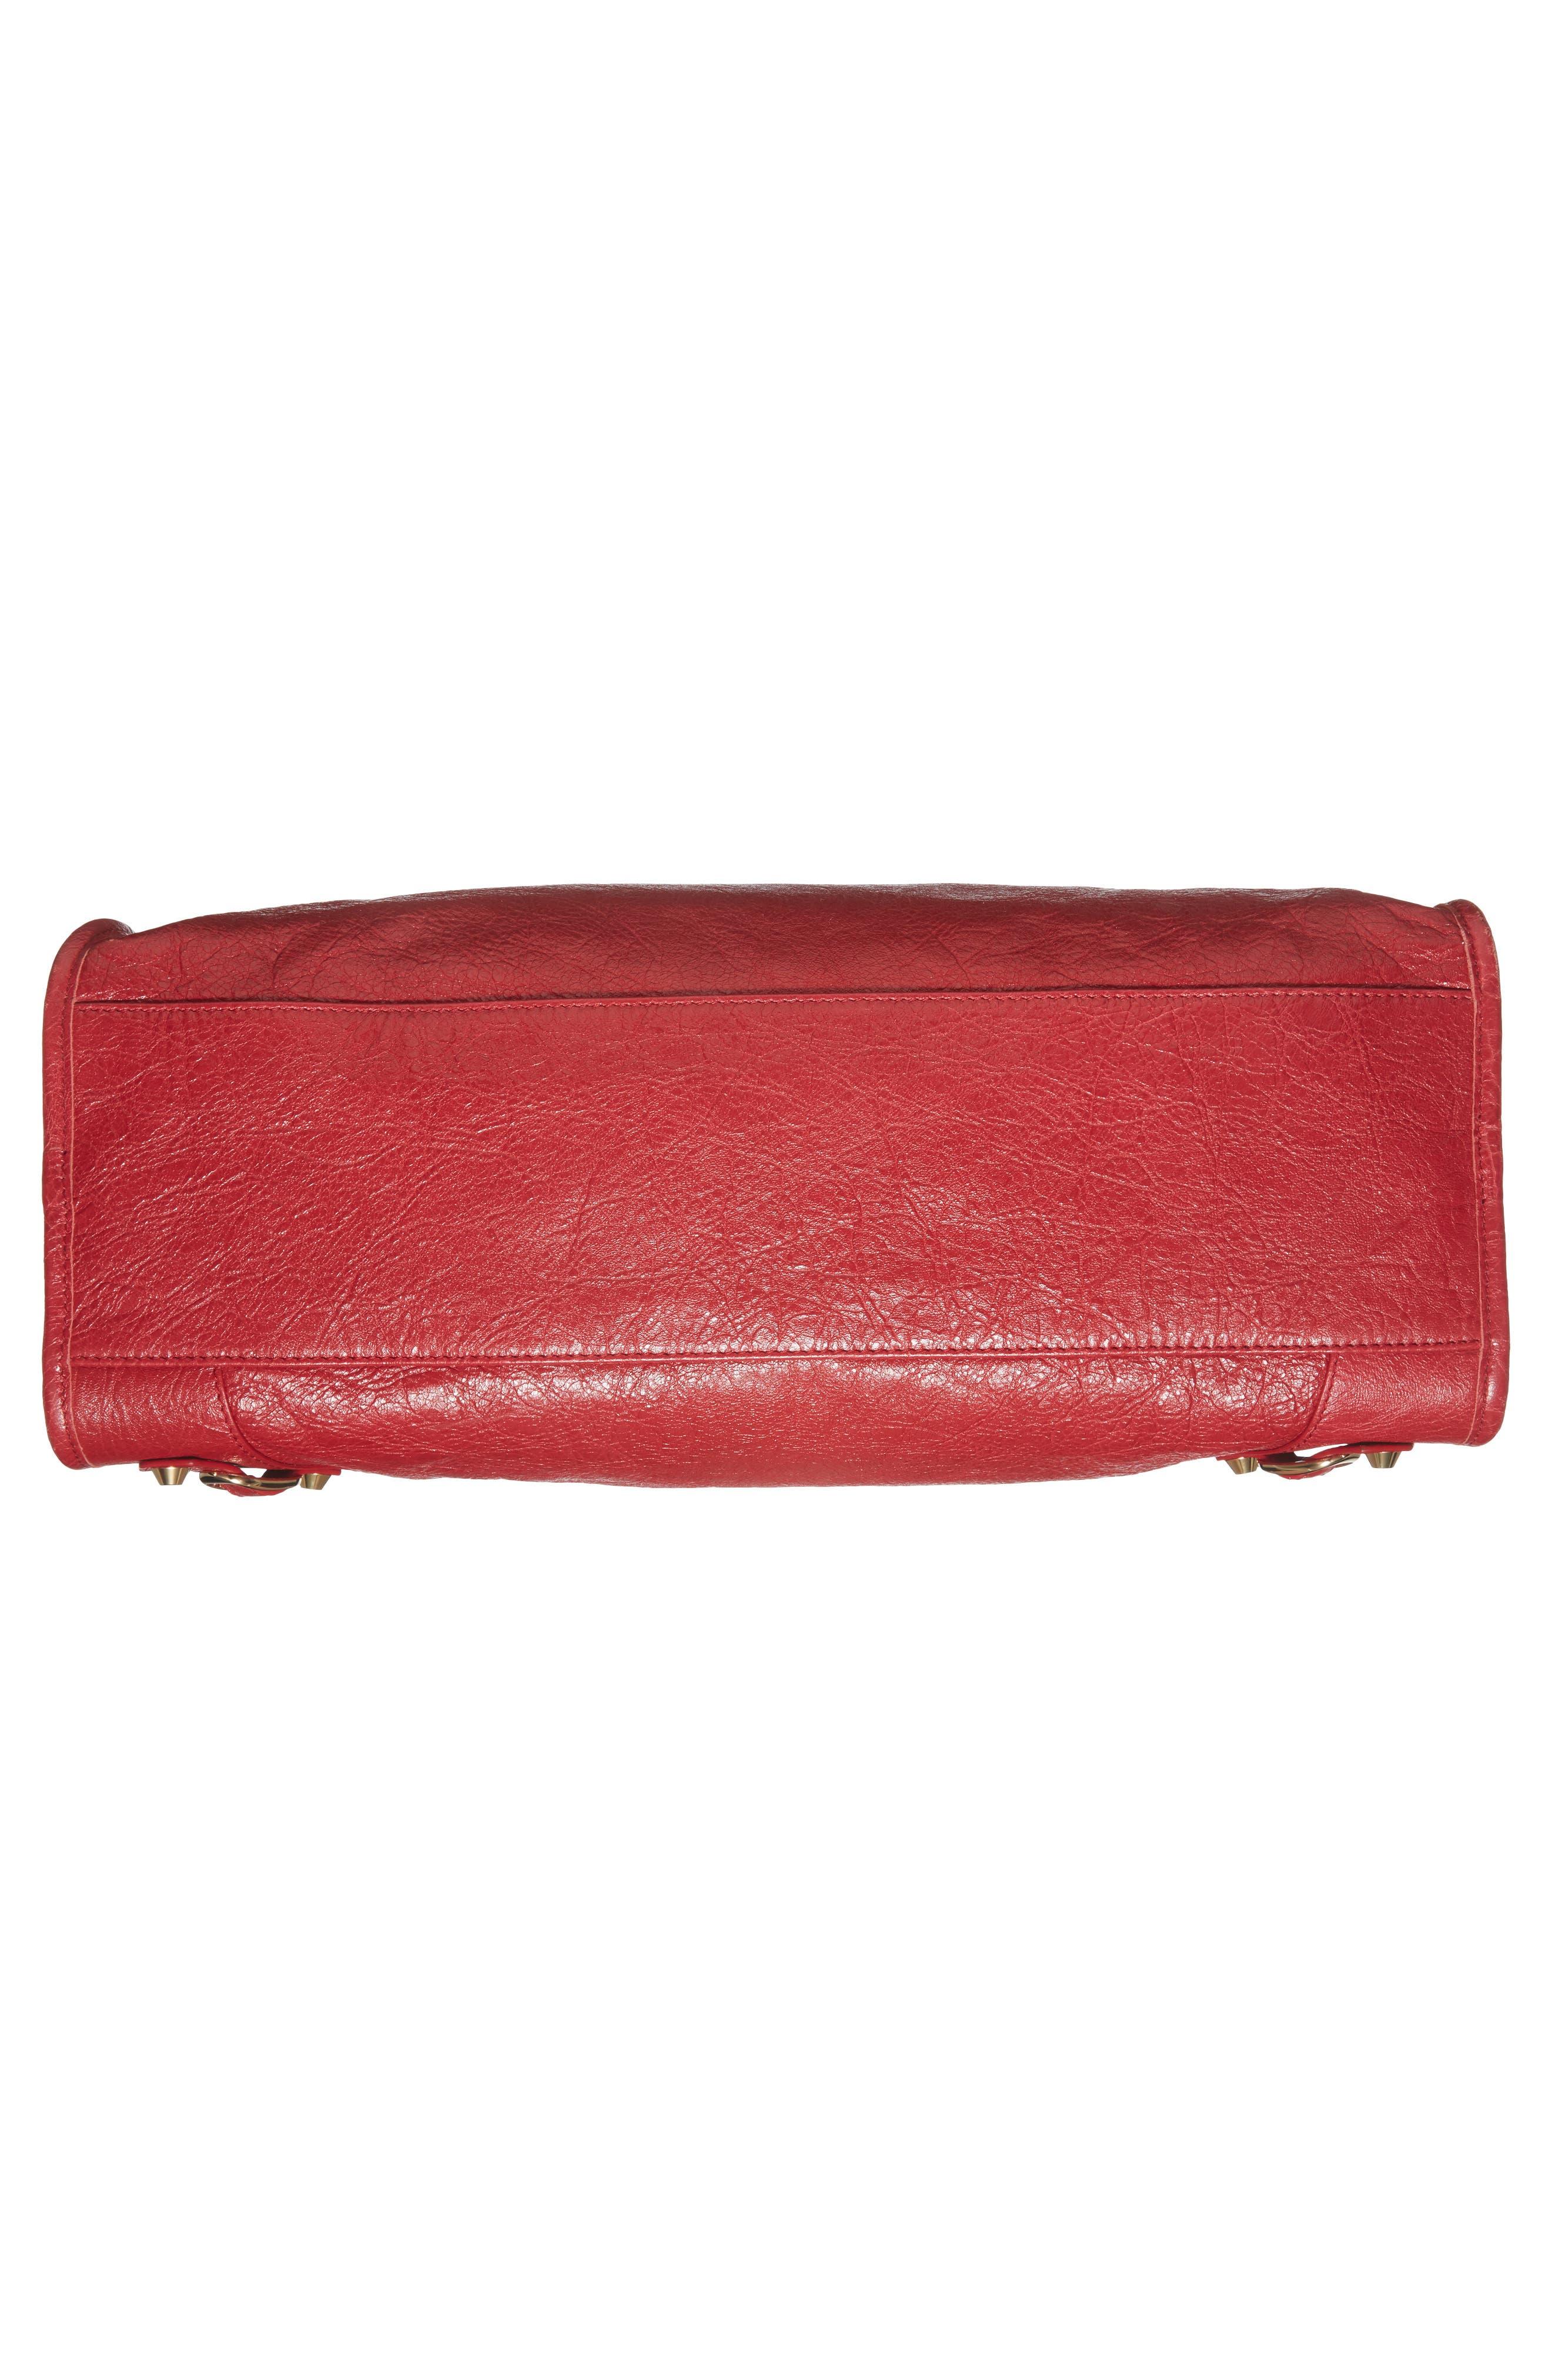 Classic City Bag,                             Alternate thumbnail 6, color,                             6270 Rouge Saffron/Dk Sang